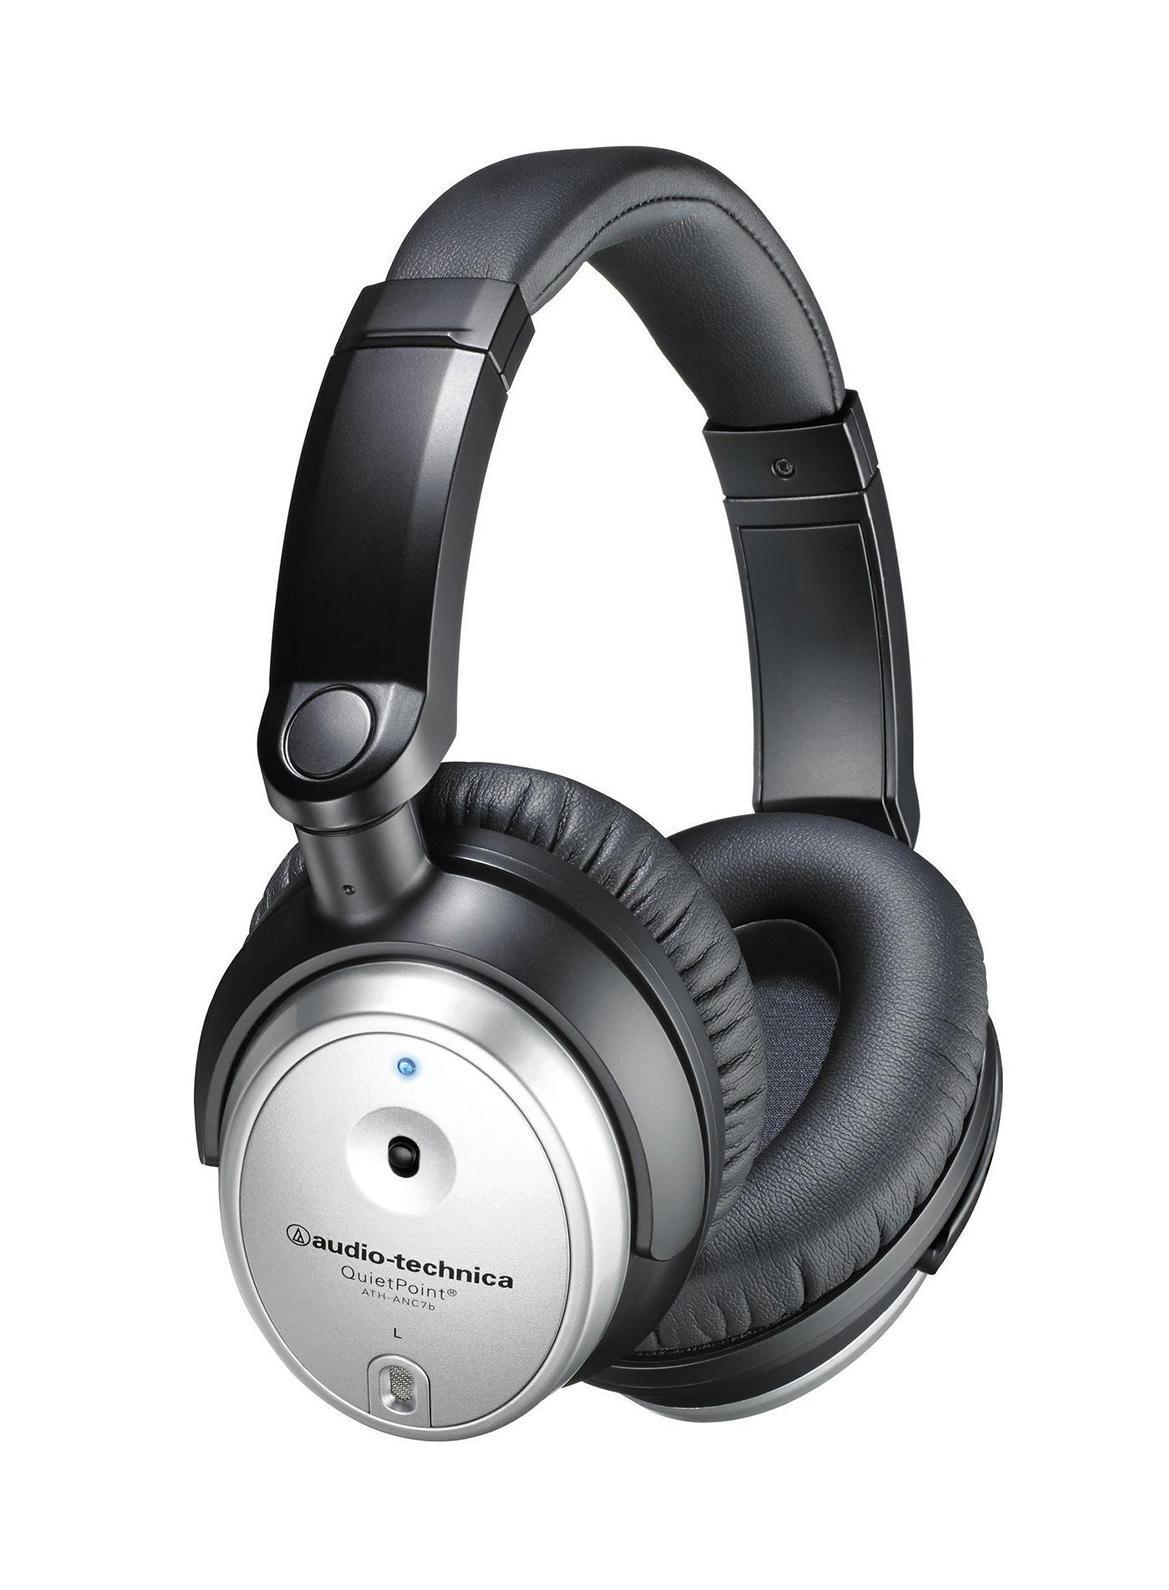 Audio-Technica ATH-ANC7BSVIS ���������� �������� - Audio-TechnicaATH-ANC7BSVIS�������� ����� �������� ����������� � ��������� � �������� �� �������, ��� ������������ �� ��������������� ������� ��� � ����������. � ������ ������ ������������ ������������ ���������, �������� ��������� �� ����. ��������� ����� � �������� ������� ����������, ��� ��������� ������ ������� �������� ��� ������� ��������������� � �������� ��������. ����� ����, ������� ���������, ������������ ����� ������, ������������ �� ������� ����� ��� ���� ��� ���������� ������� �� ������. �������� ����� ������������ ��������������� �����������, � ����� ������������� ��� ������ ������.